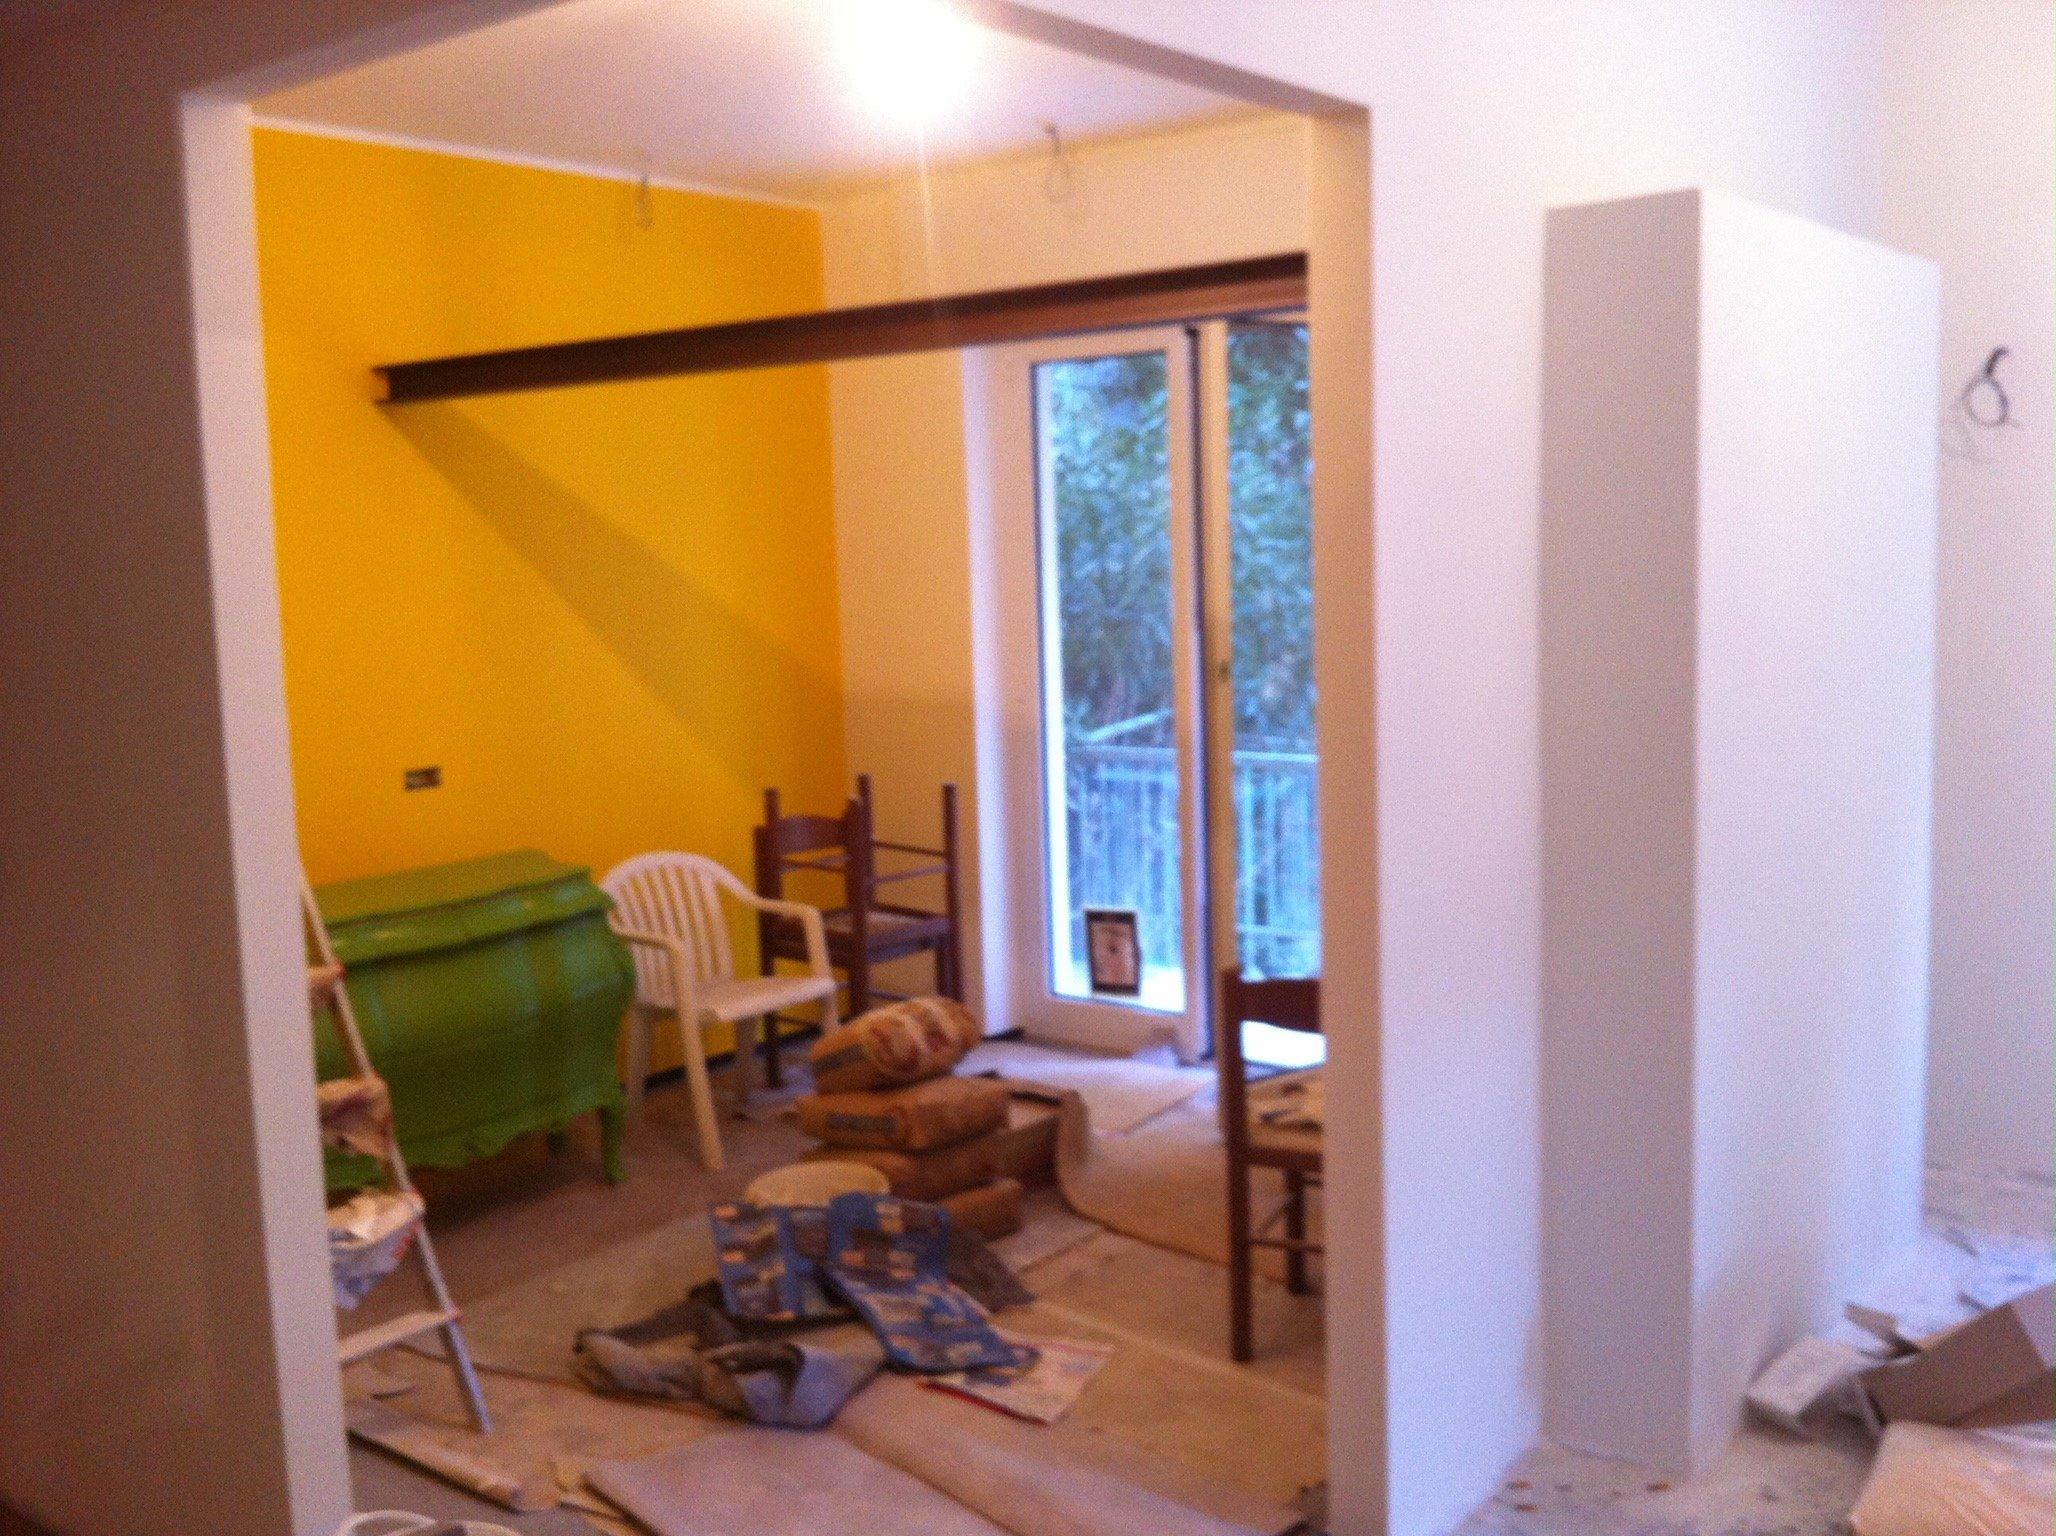 Stanza con pareti gialle e bianche